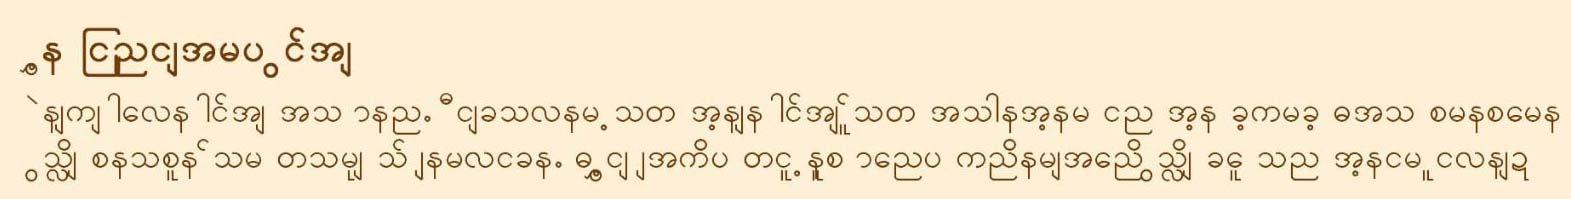 4b-Burmese